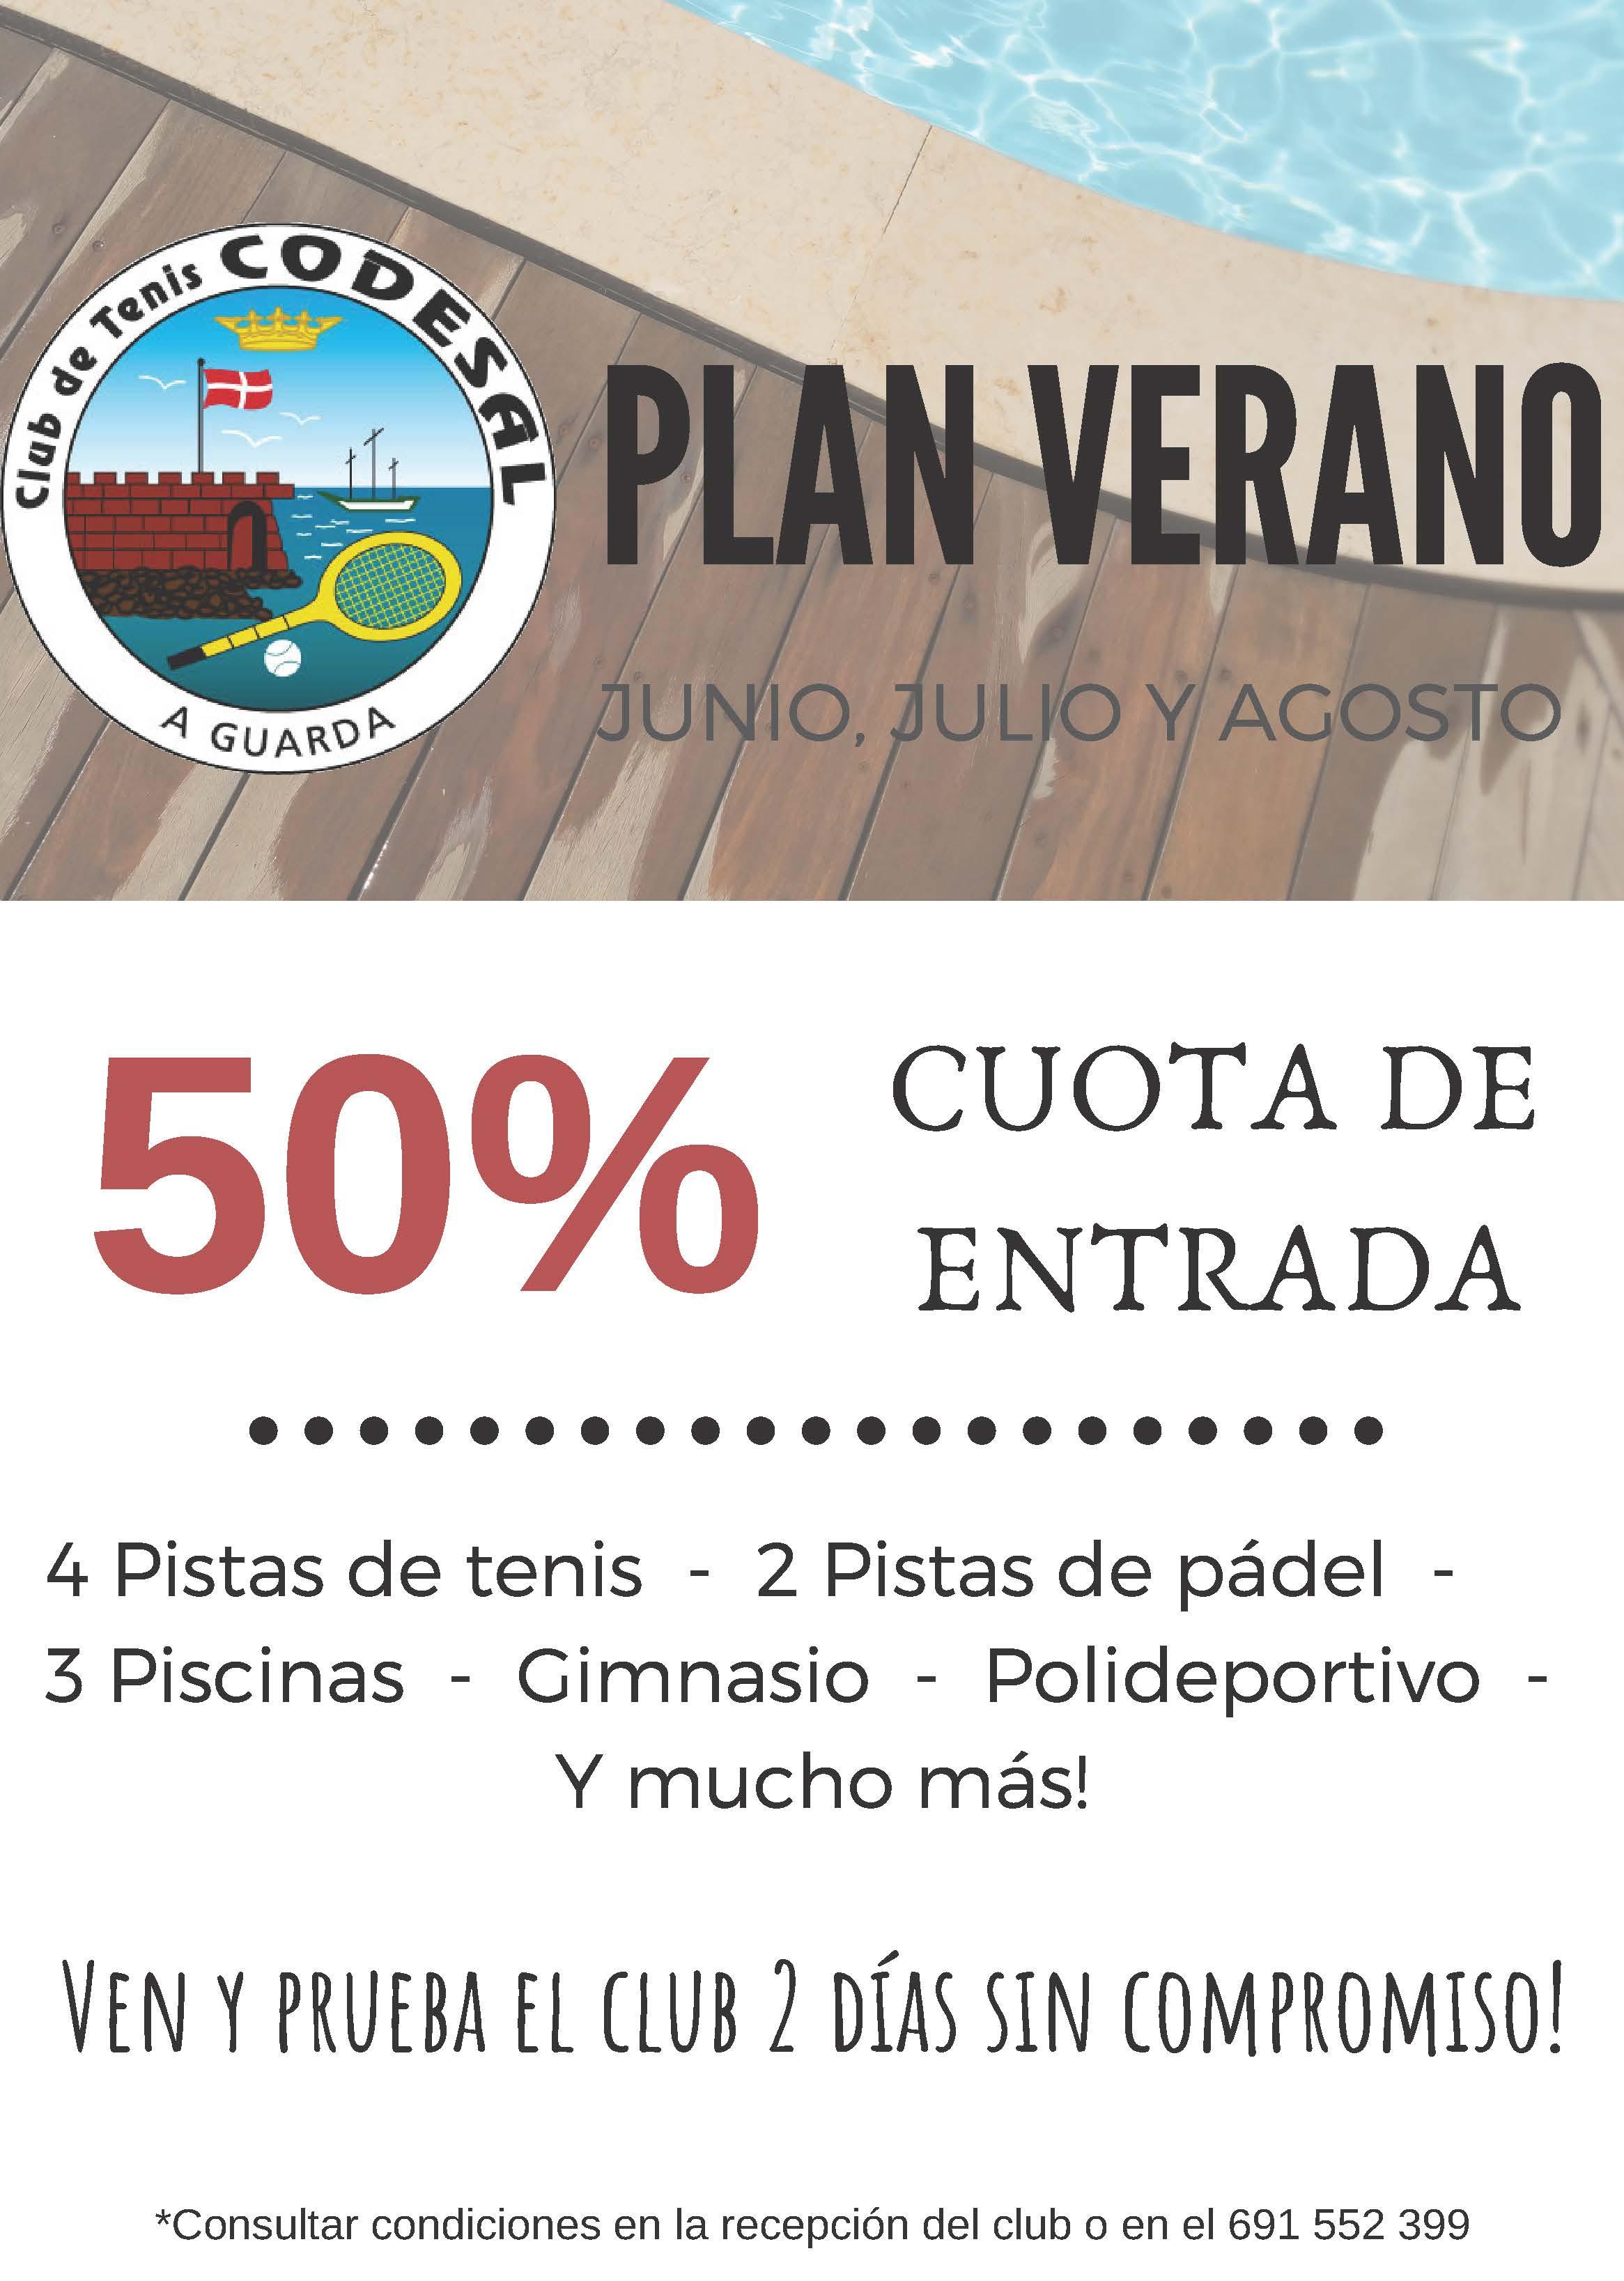 Oferta 50% Plan Verano